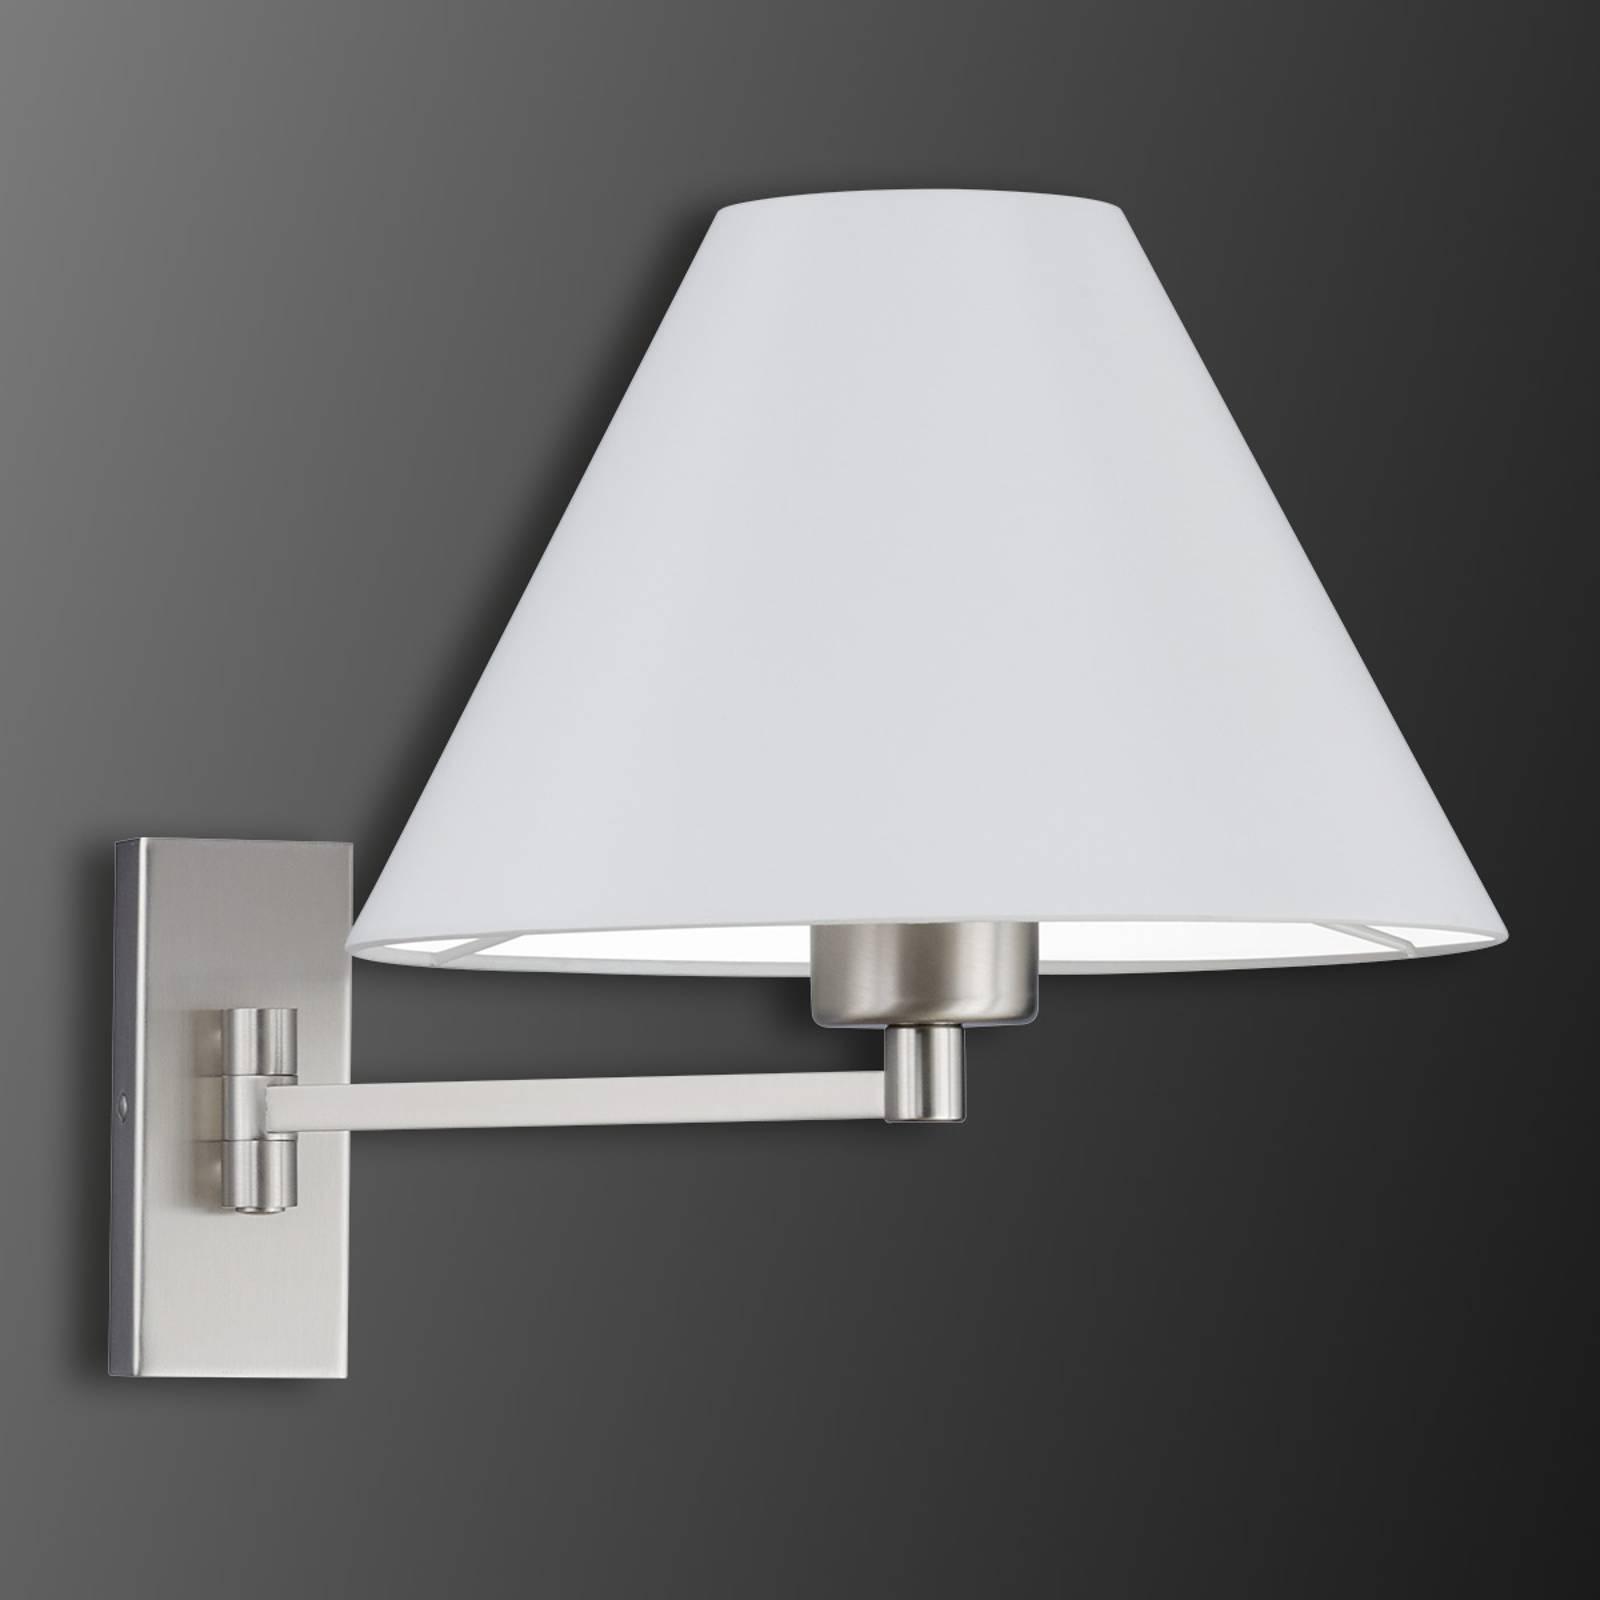 Draaibare wandlamp Verux met Honan-kap